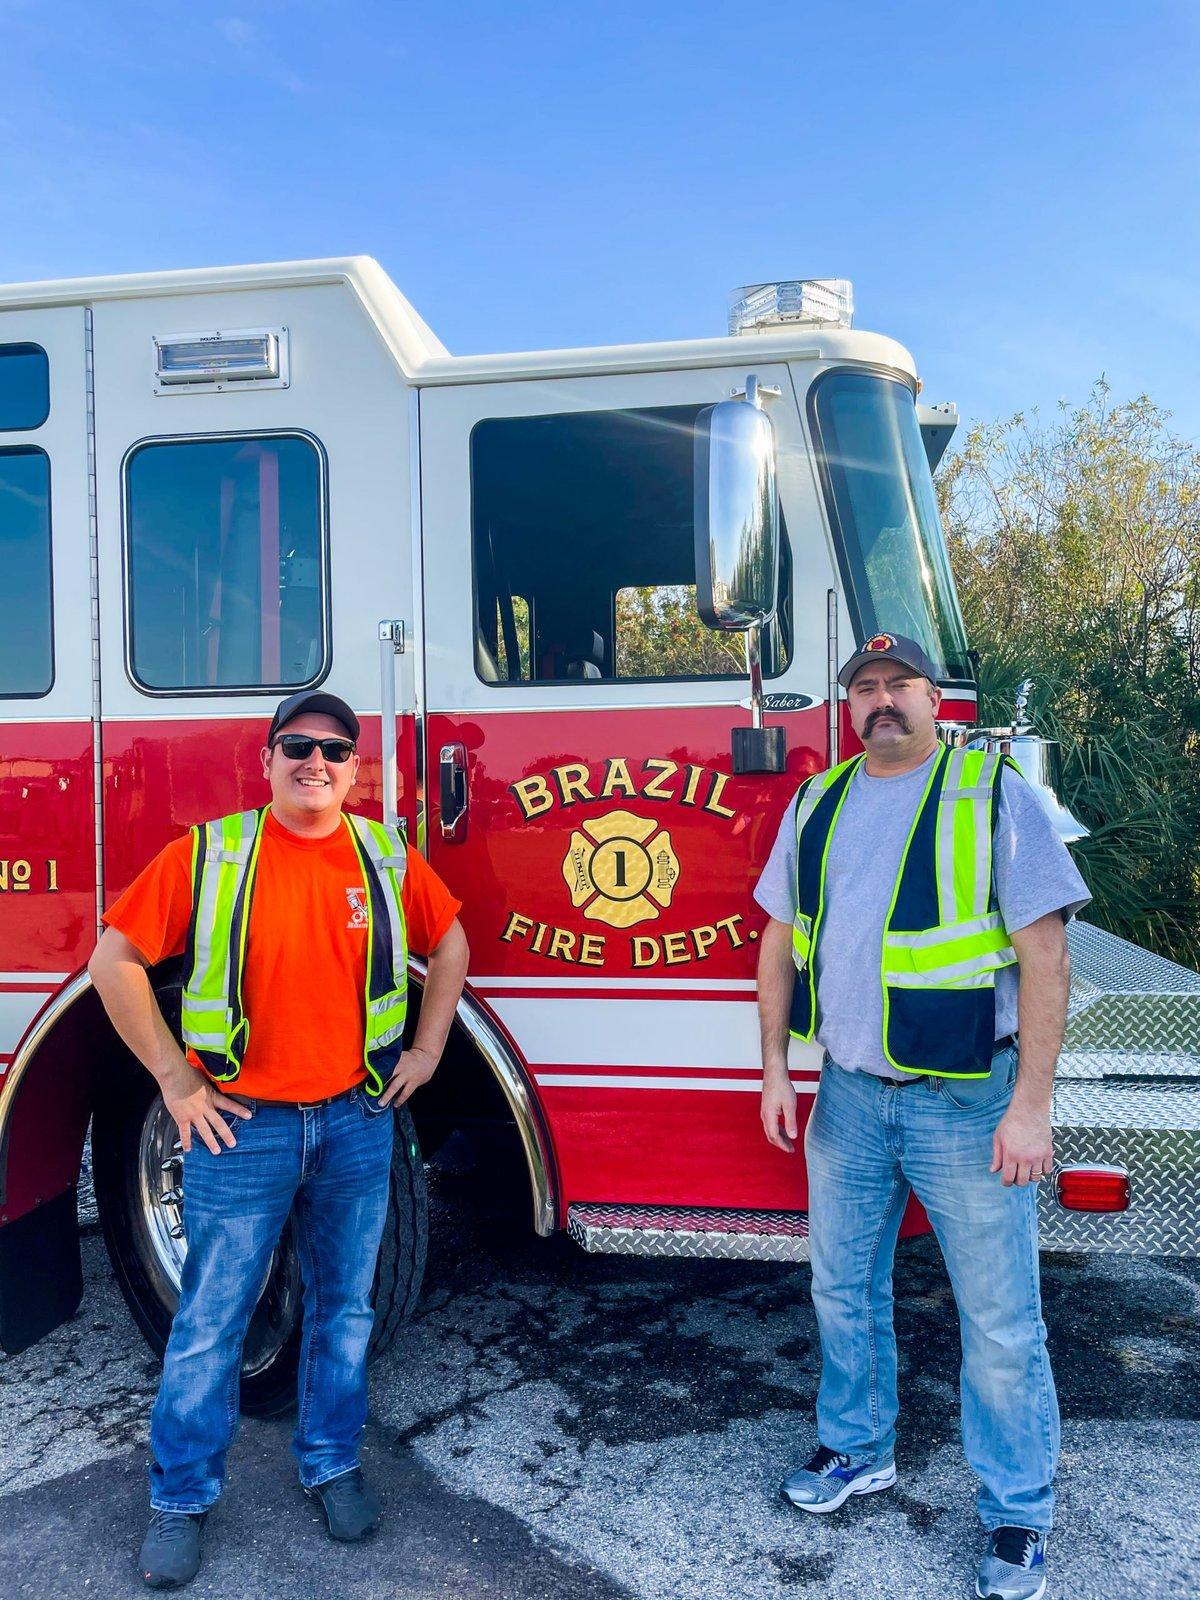 Brazil Fire Department - Pumper